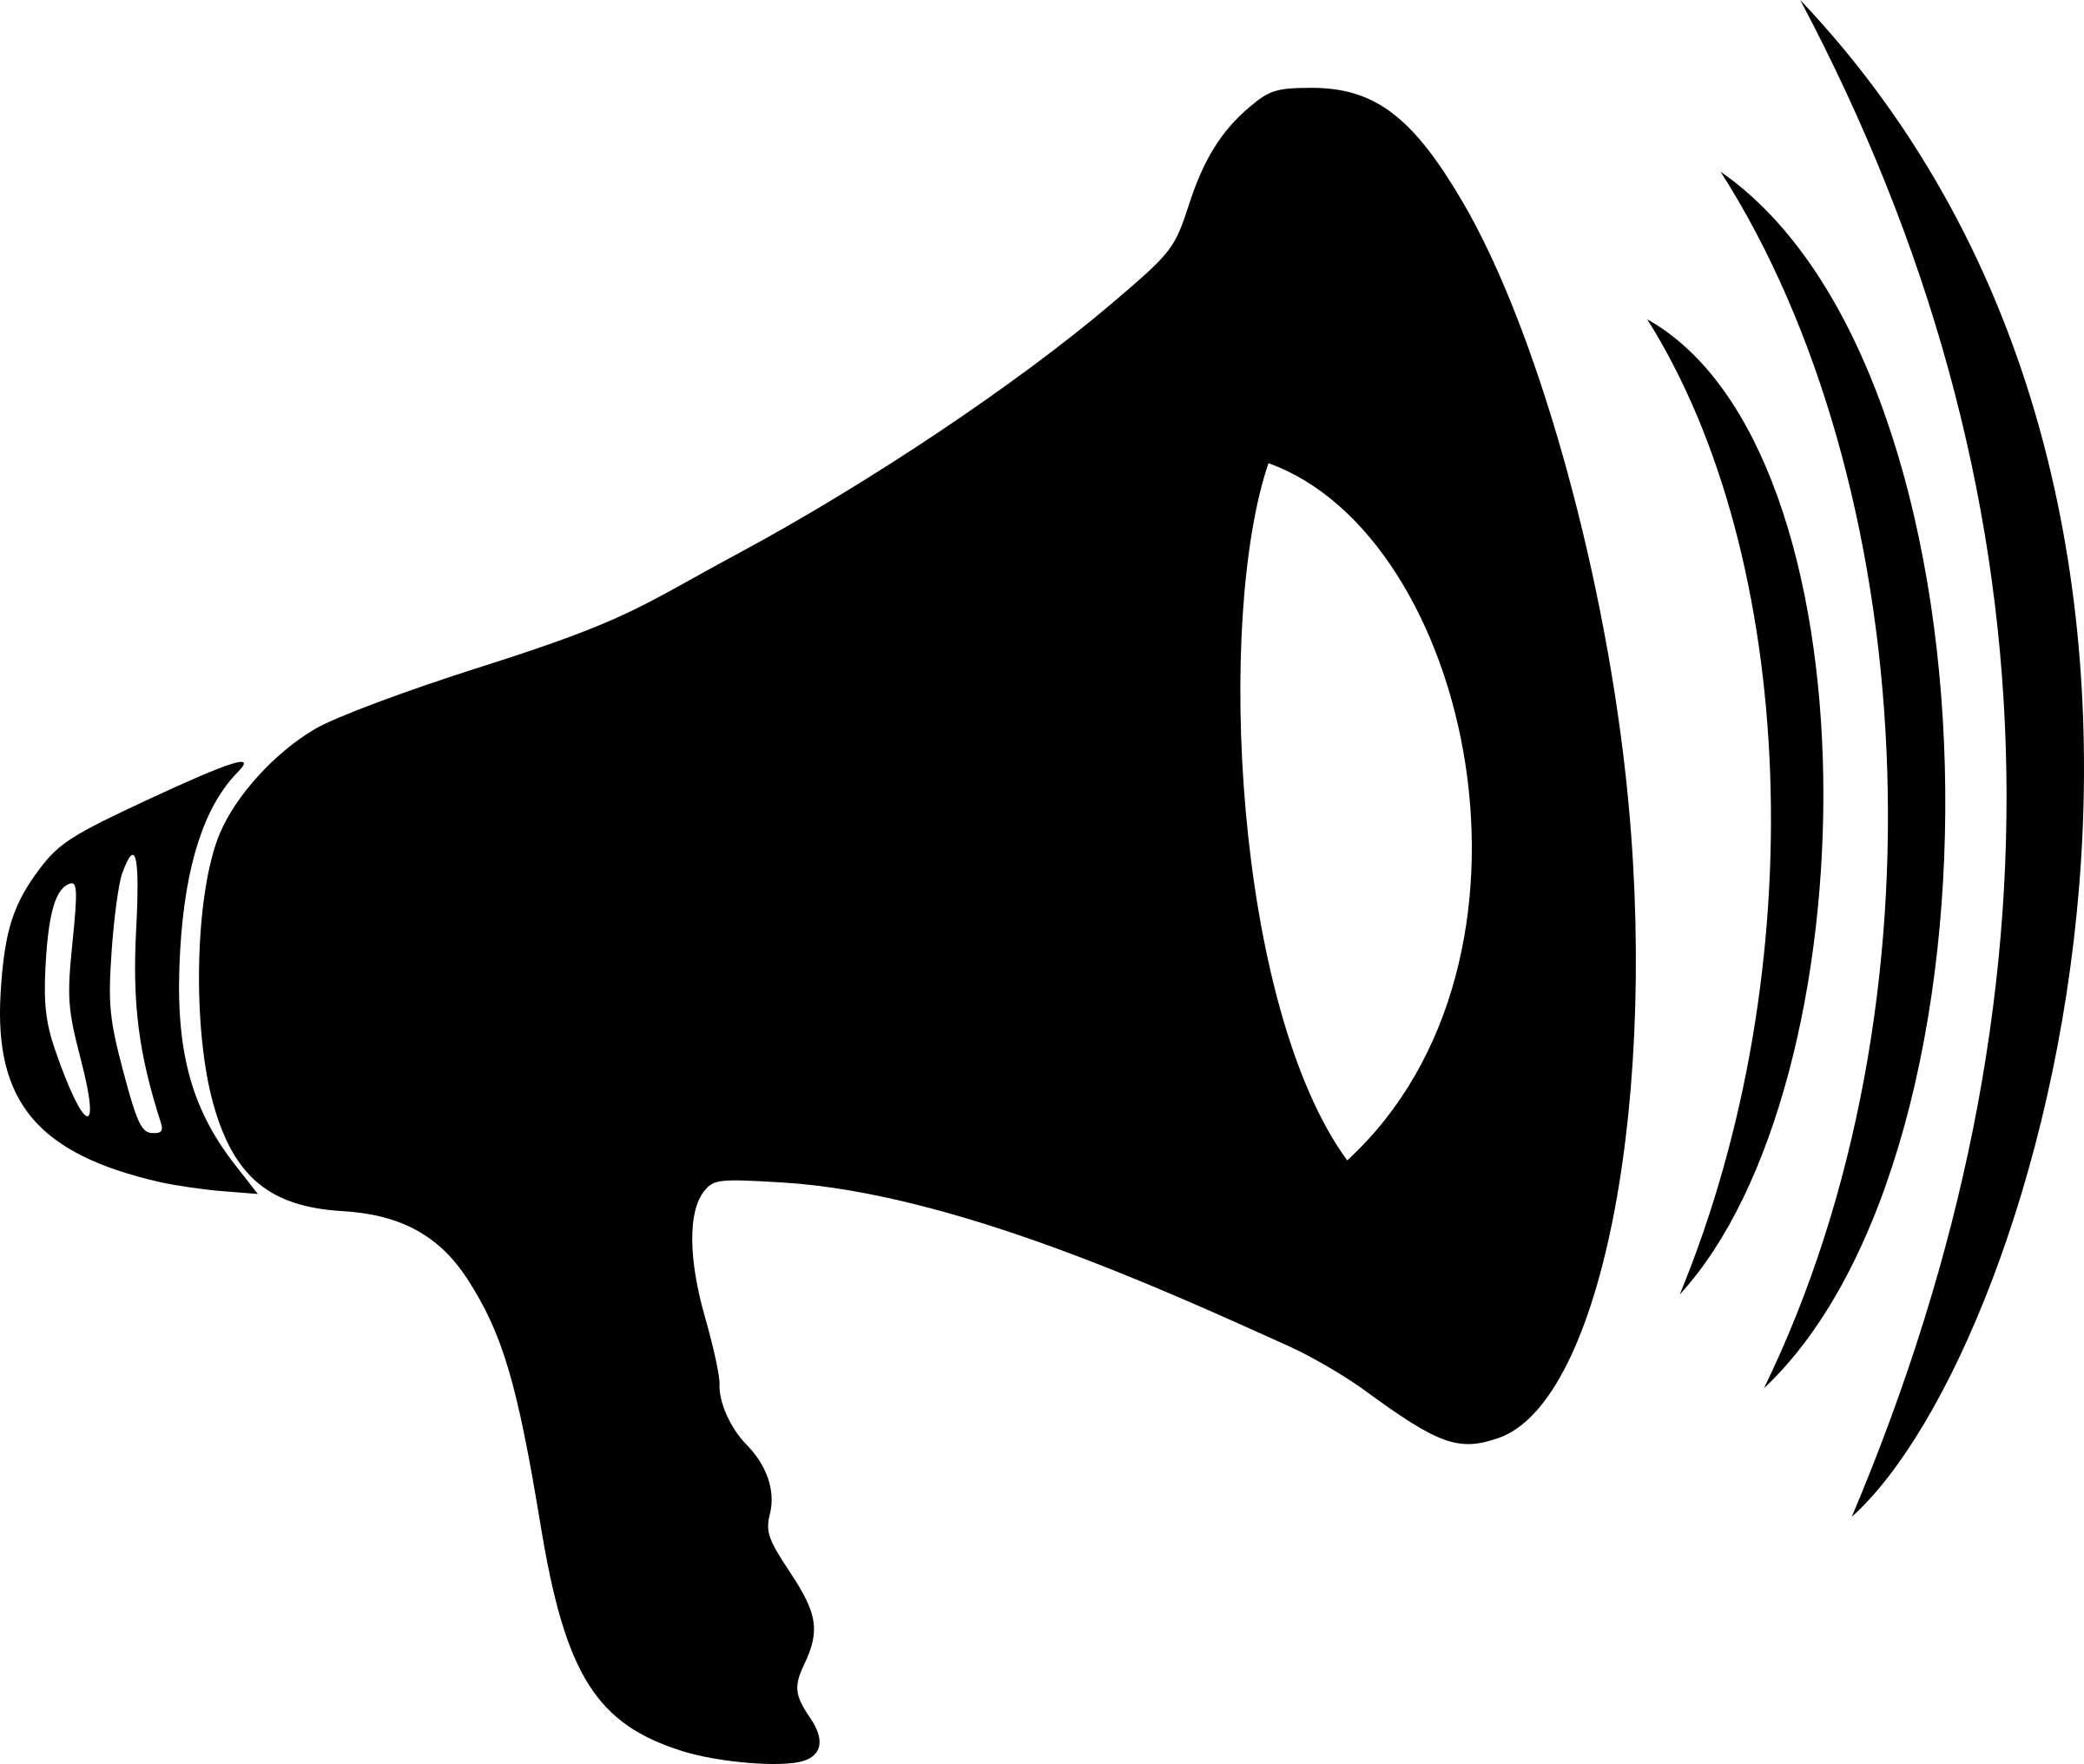 Clipart - Loud Megaphone